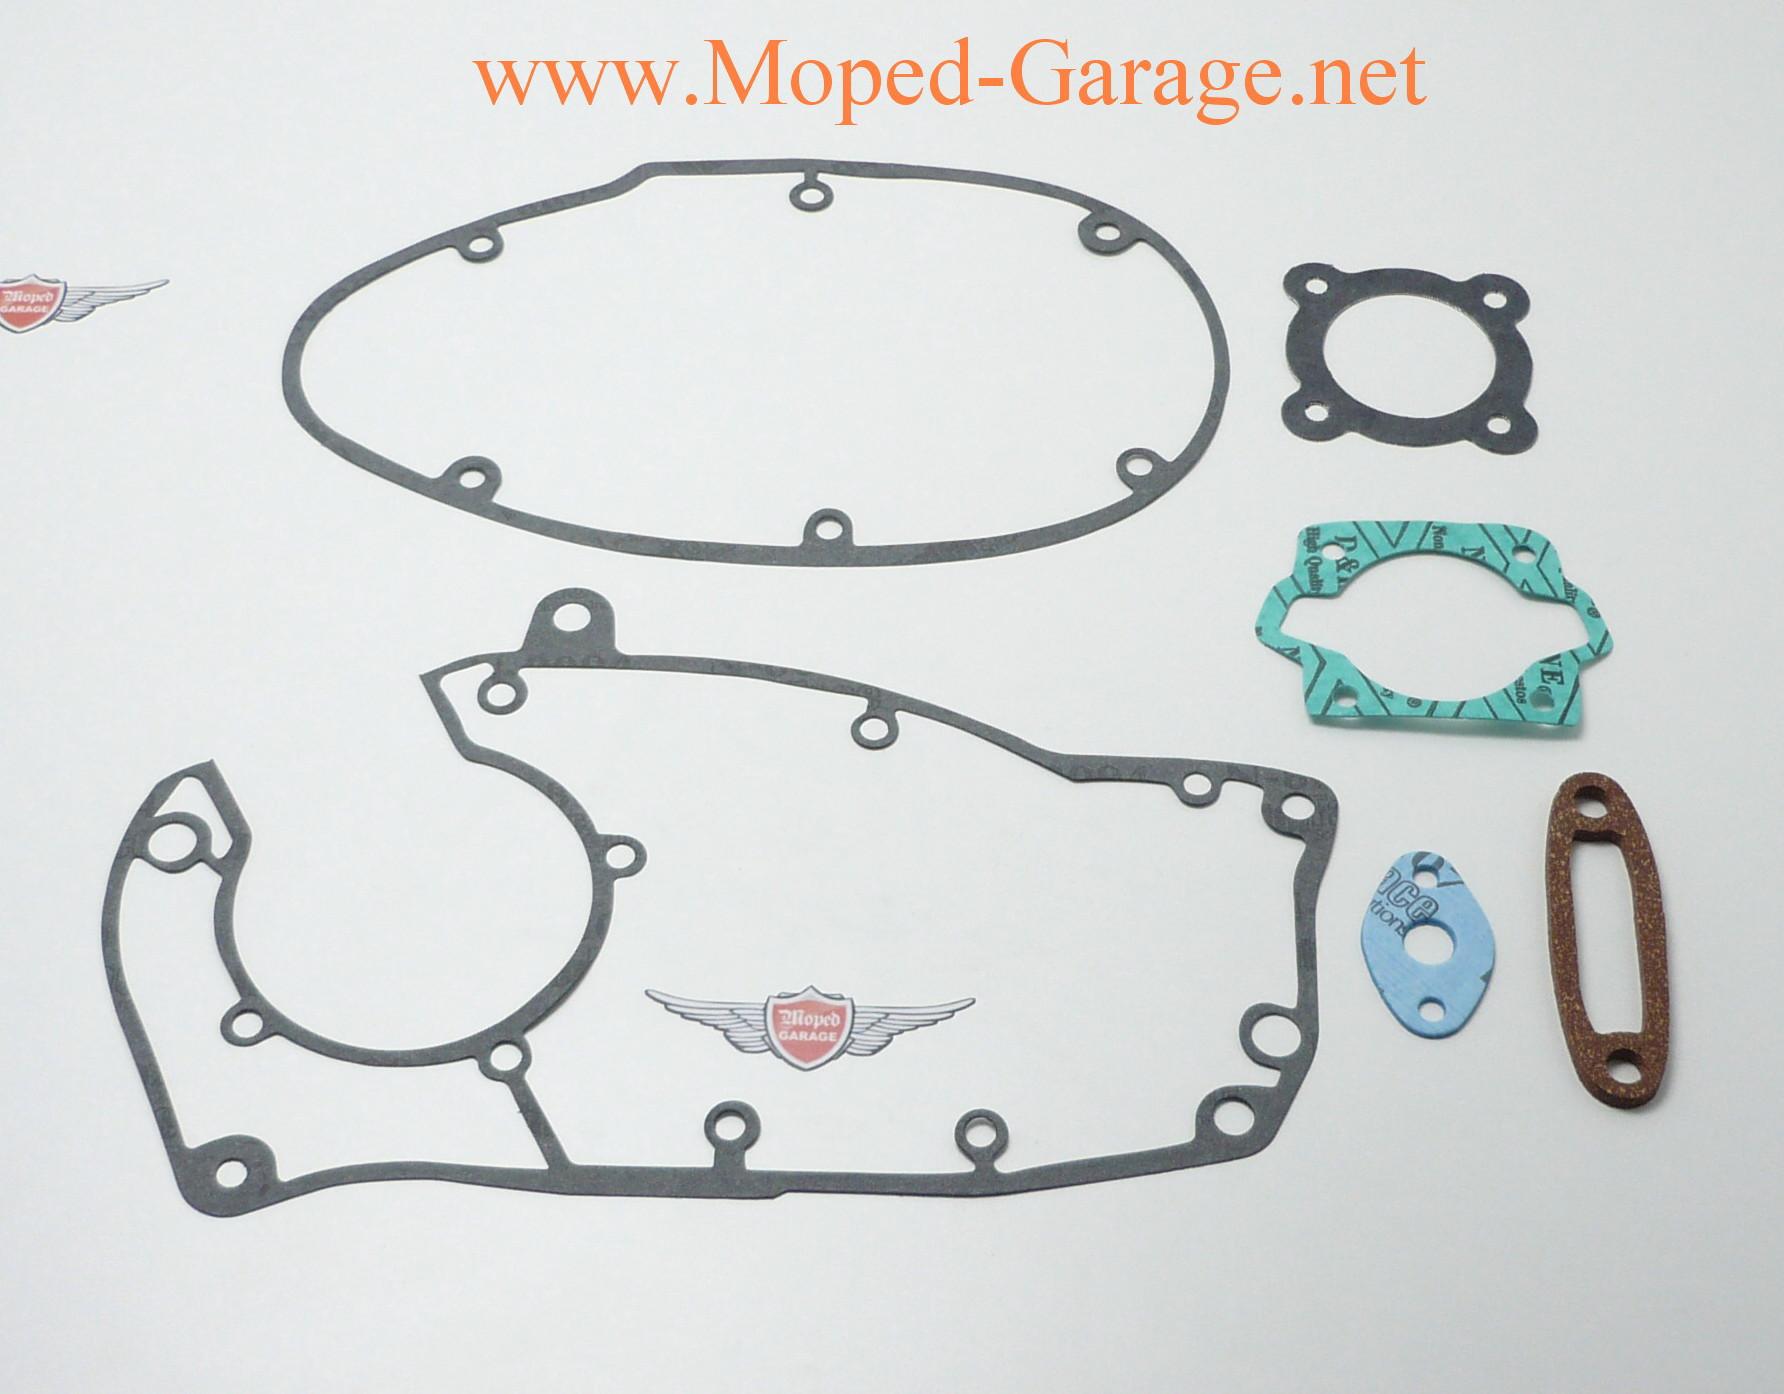 Moped-Garage.net | DKW Hummel Motor Dichtung Satz Zweirad Union ...